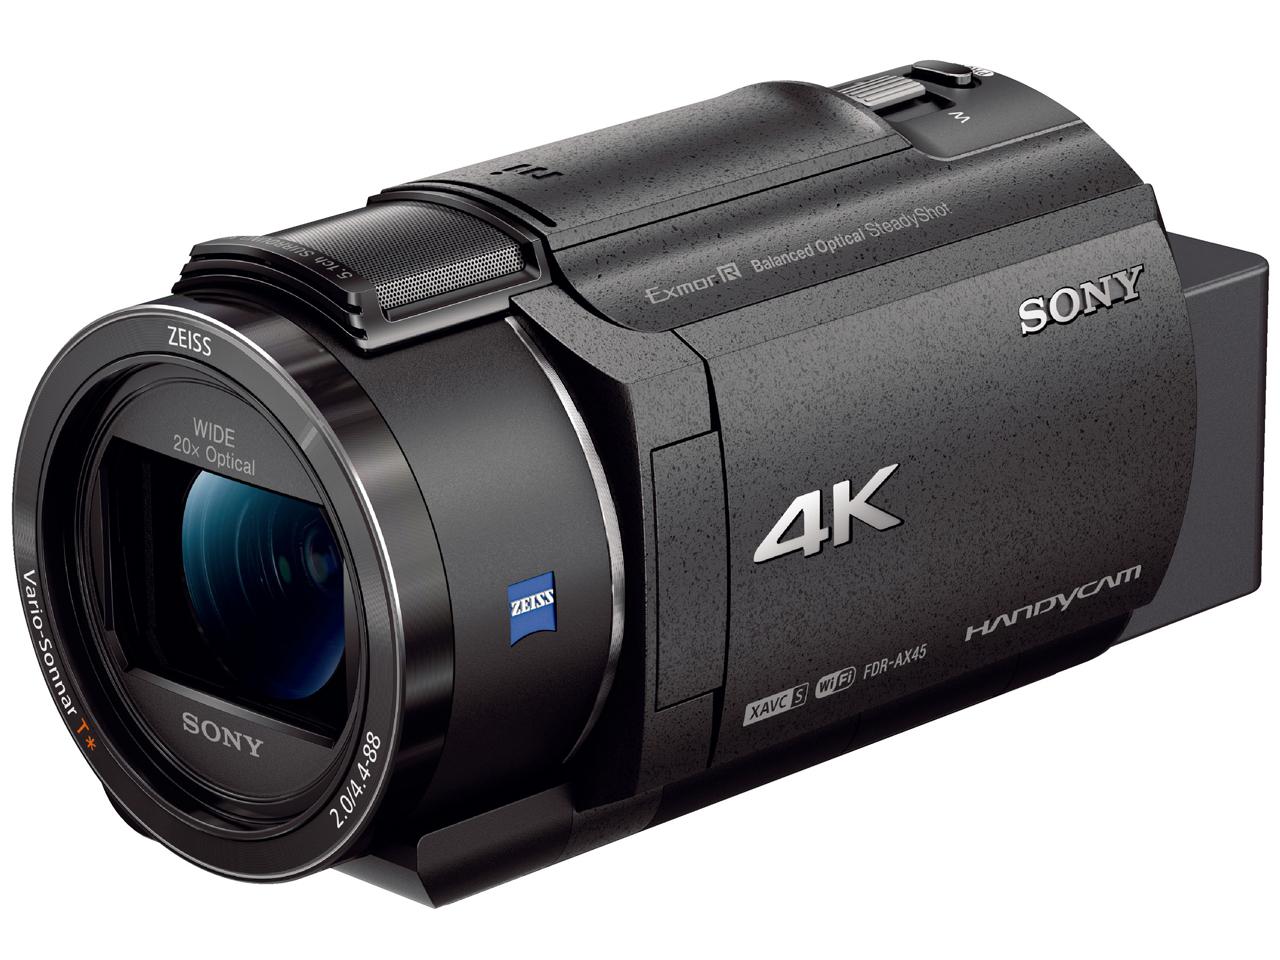 決済確認平日15時/土曜13時まで即日出荷(一部地域除く) FDR-AX45 B SONY ビデオカメラ 4K【送料無料】【新品】